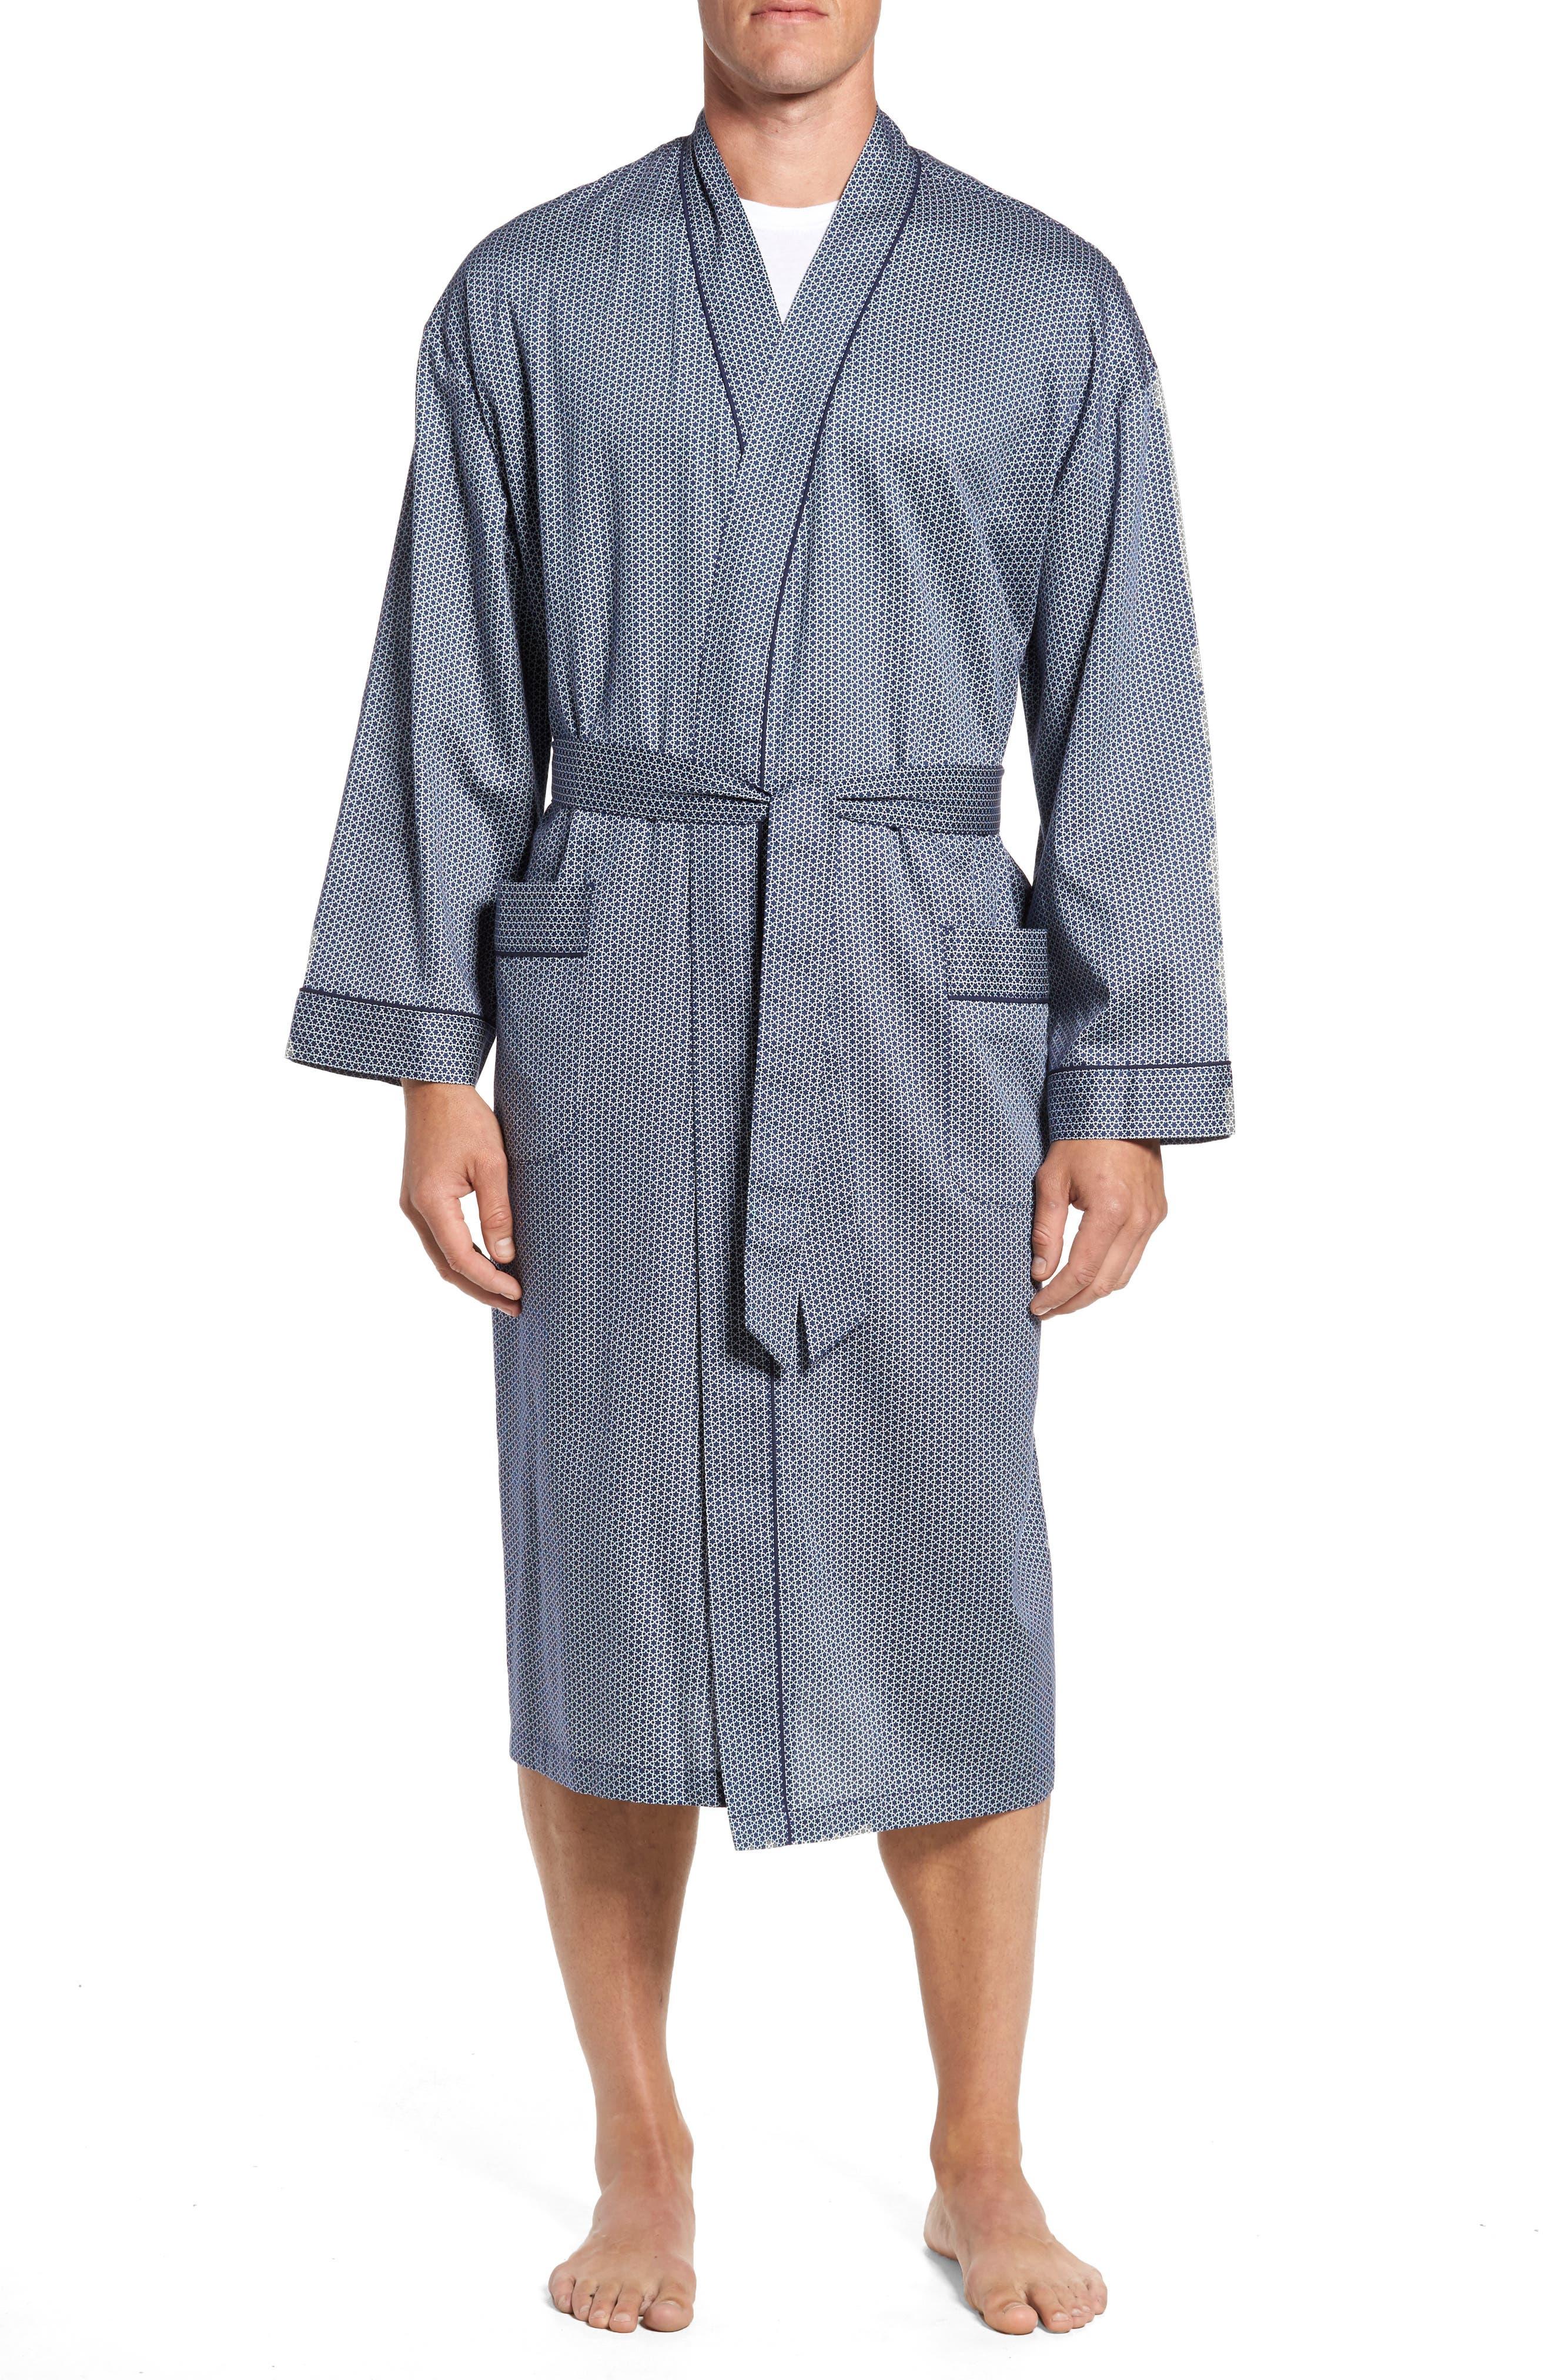 Winterlude Robe,                         Main,                         color, 402